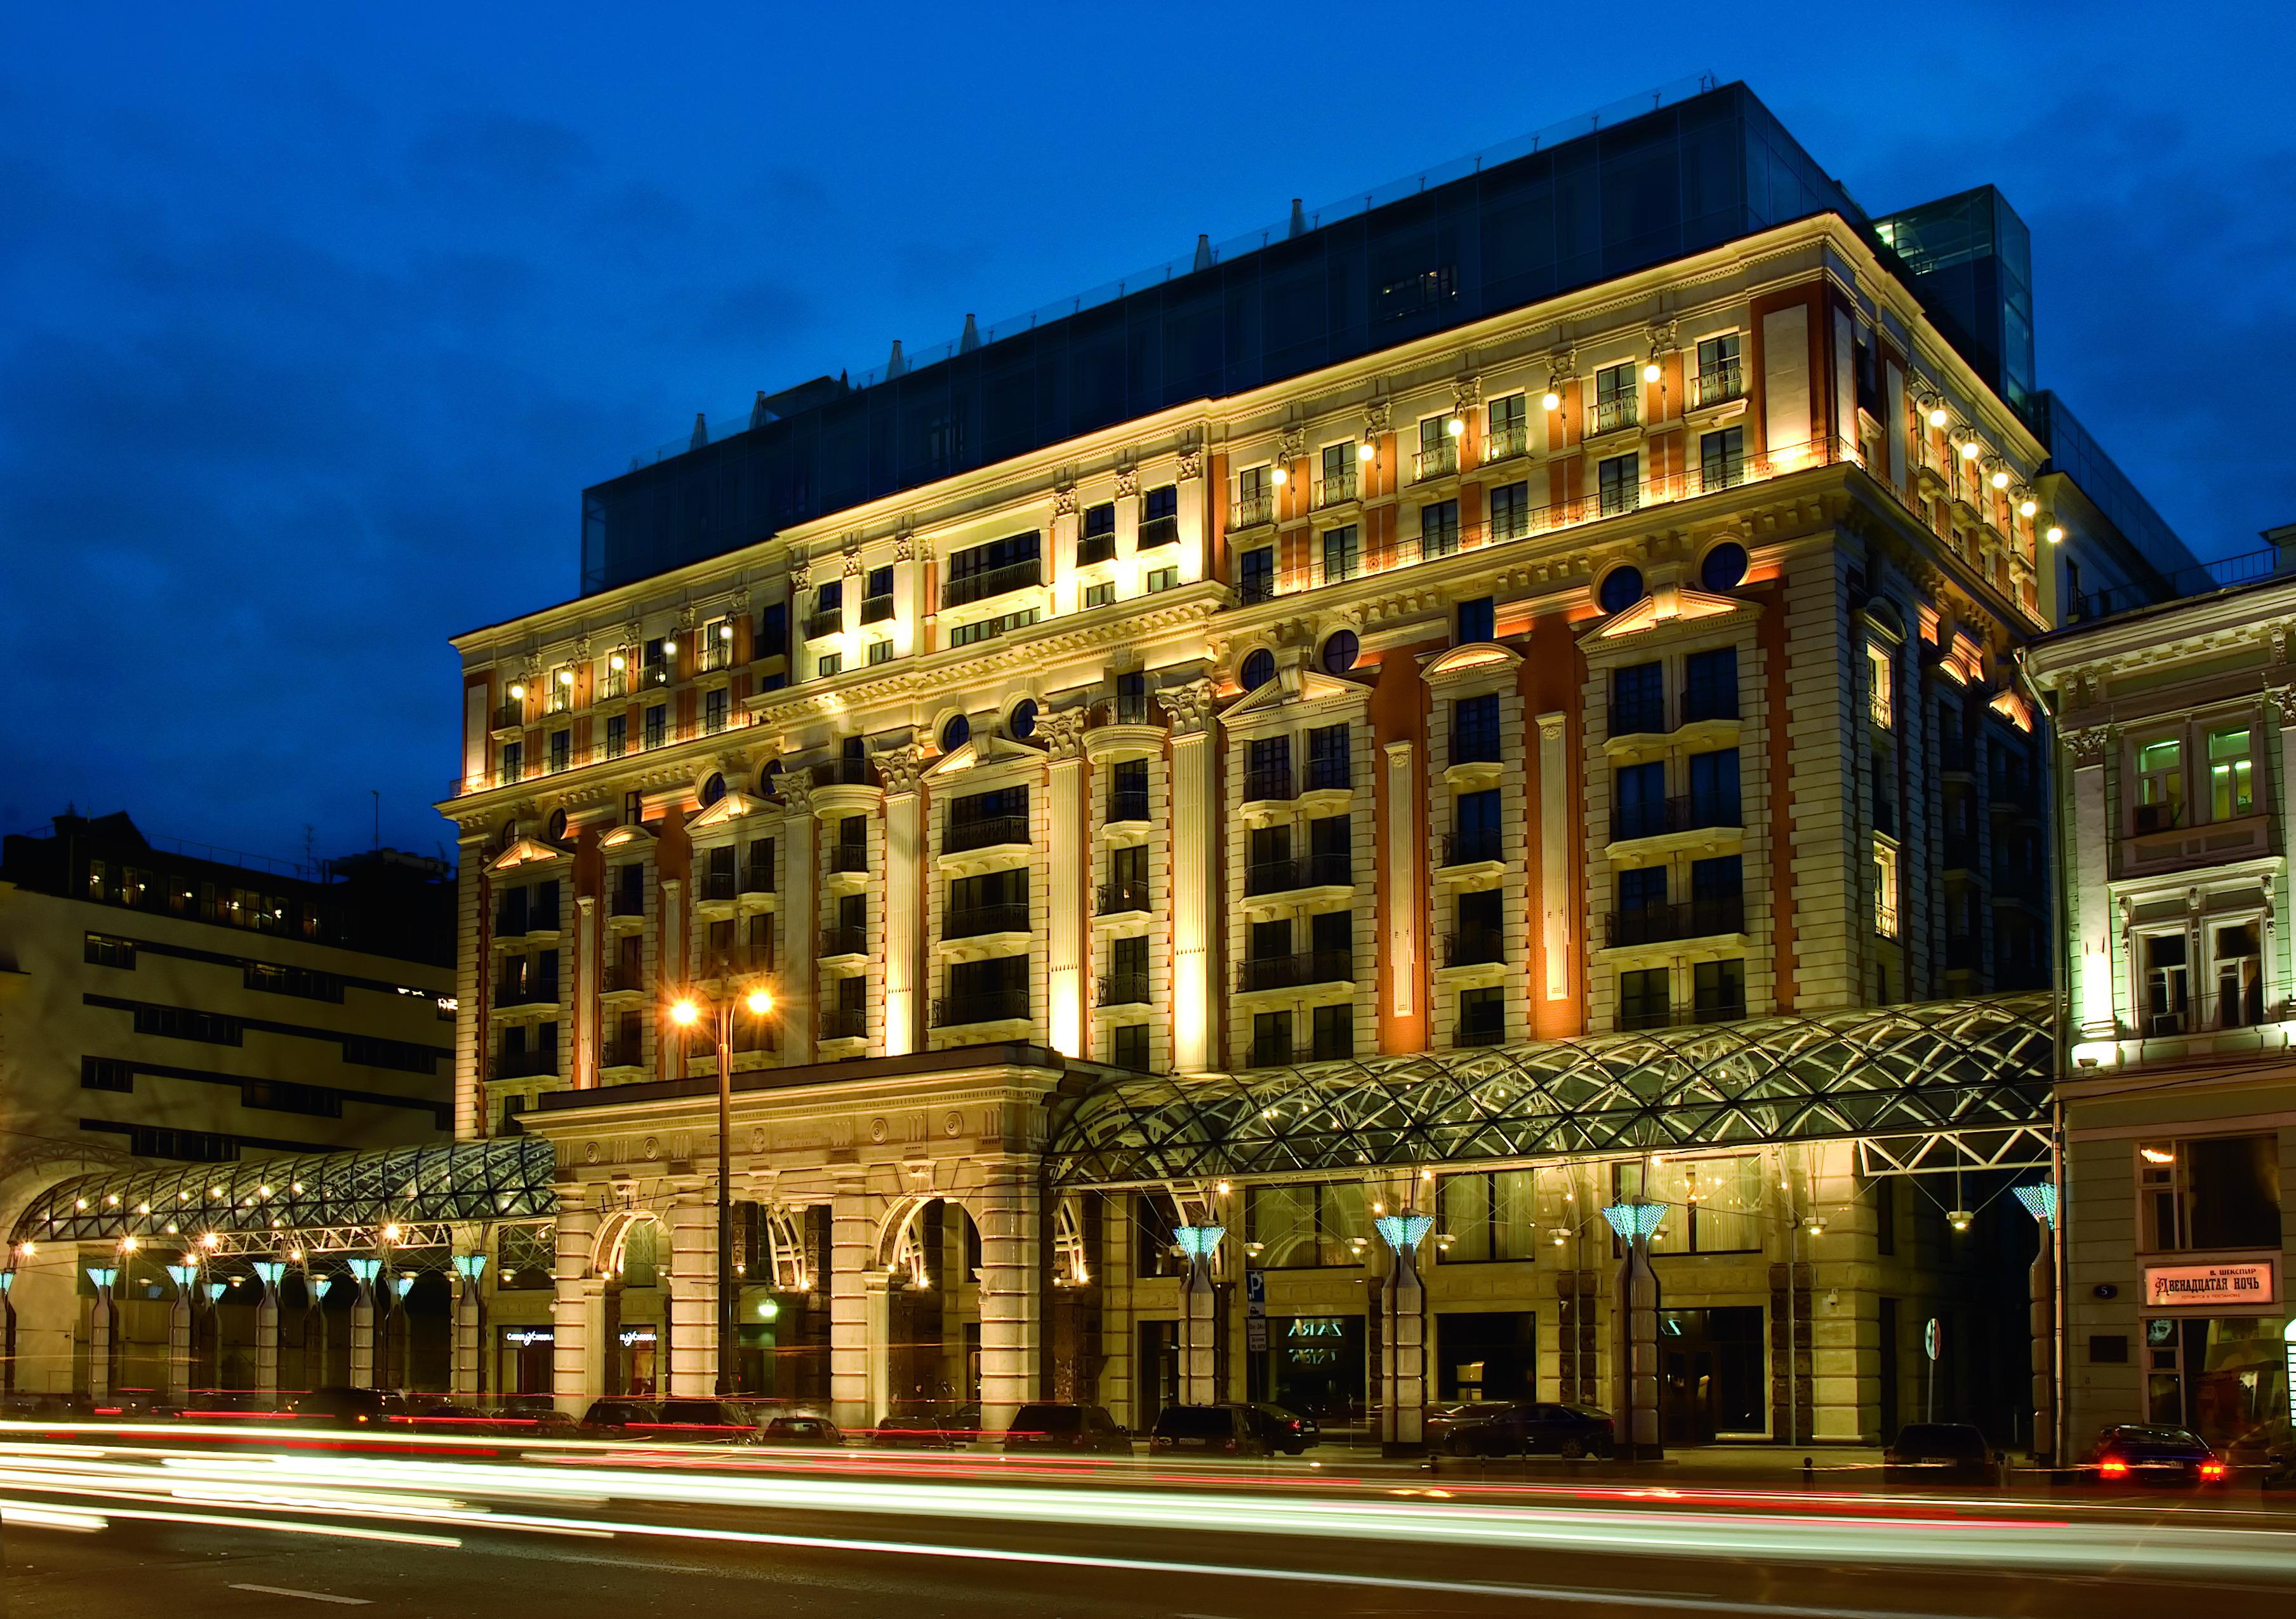 атмосфера продуктового самые крутые отели москвы фото каждой конкретной особи